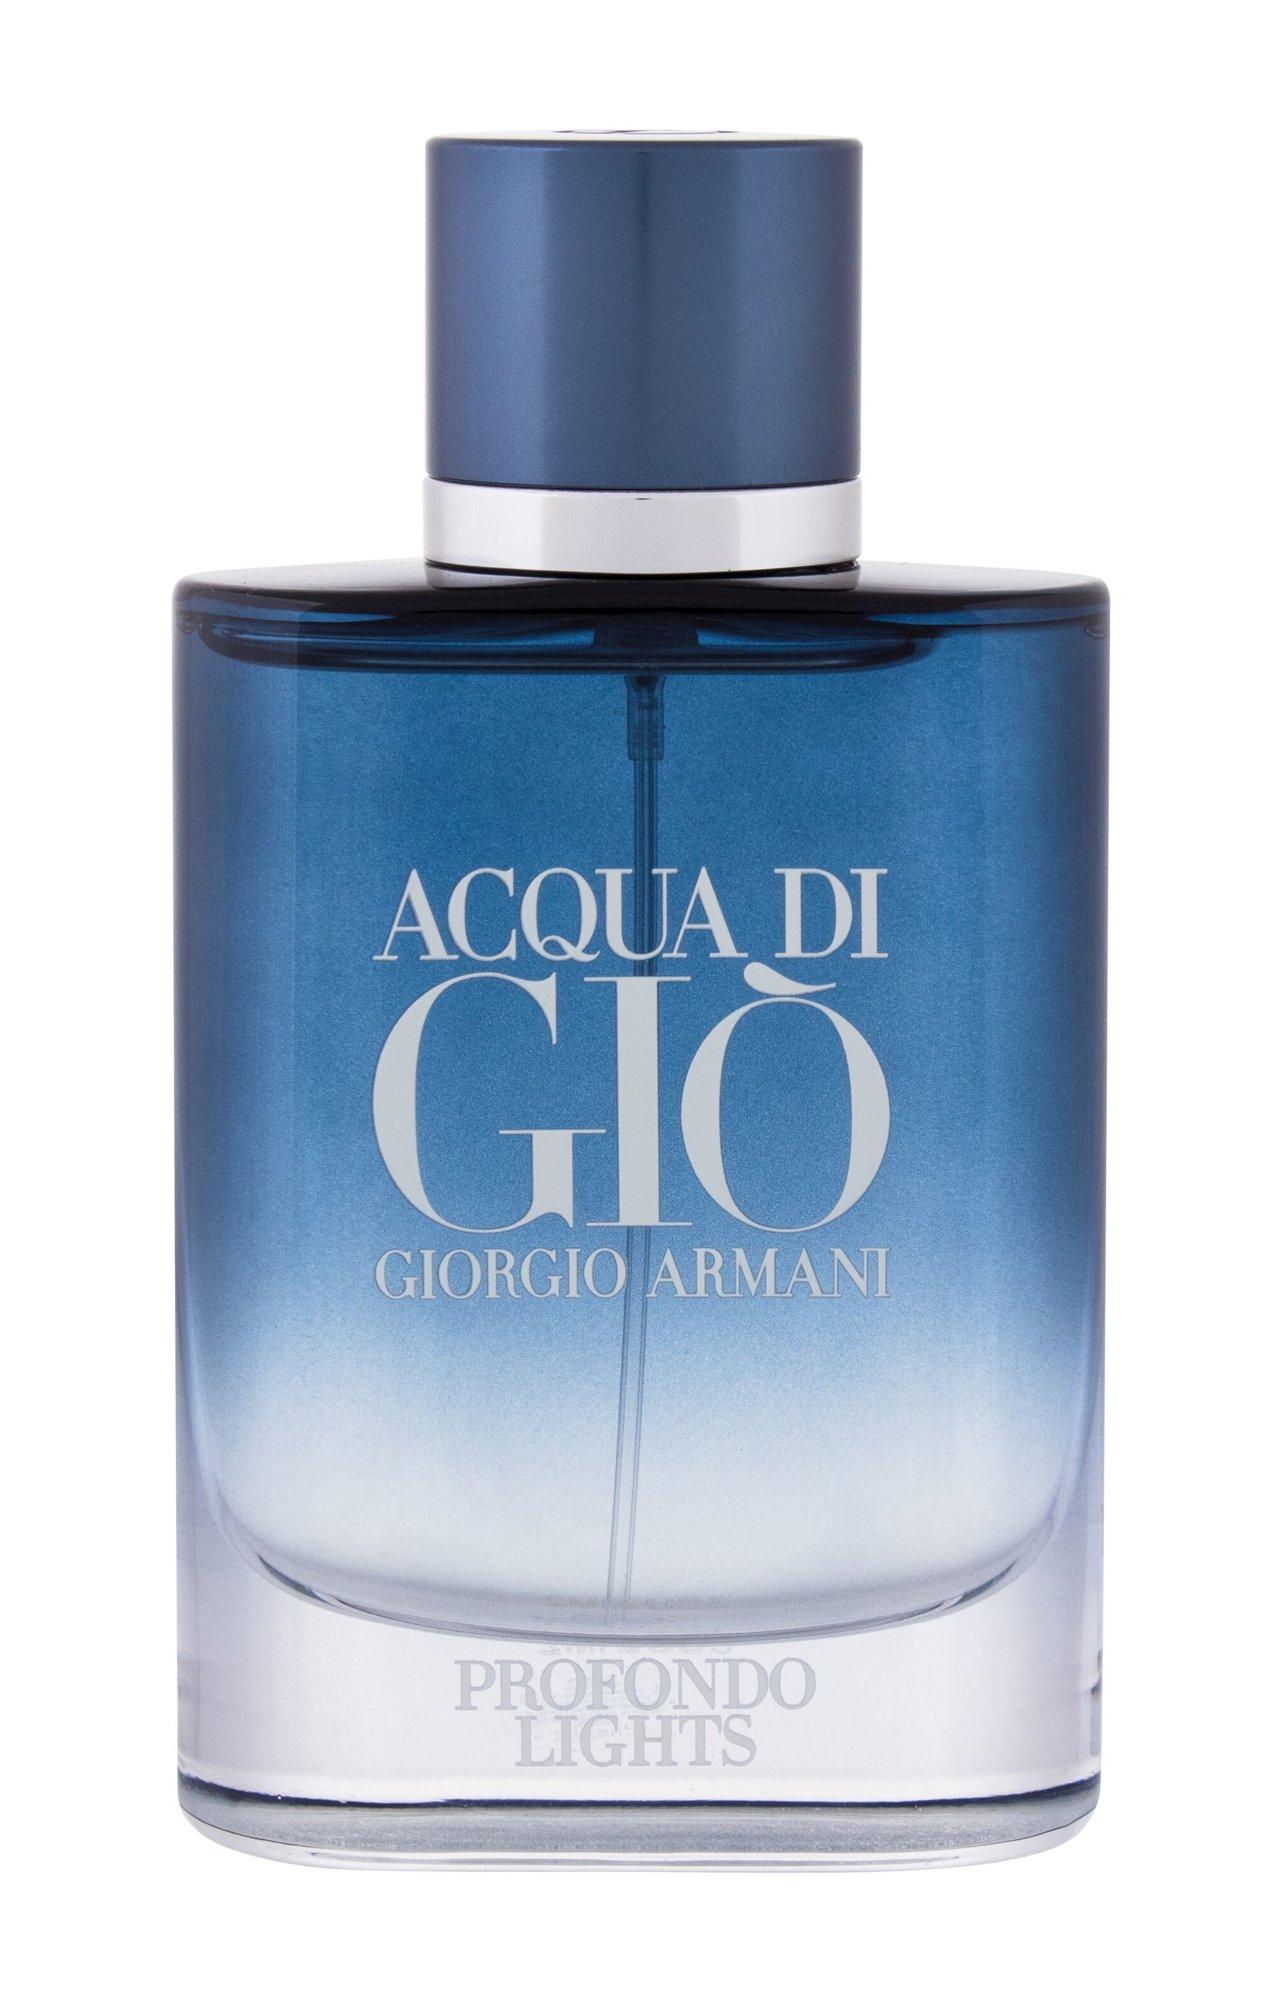 Giorgio Armani Acqua di Gio Profondo Lights, edp 75ml